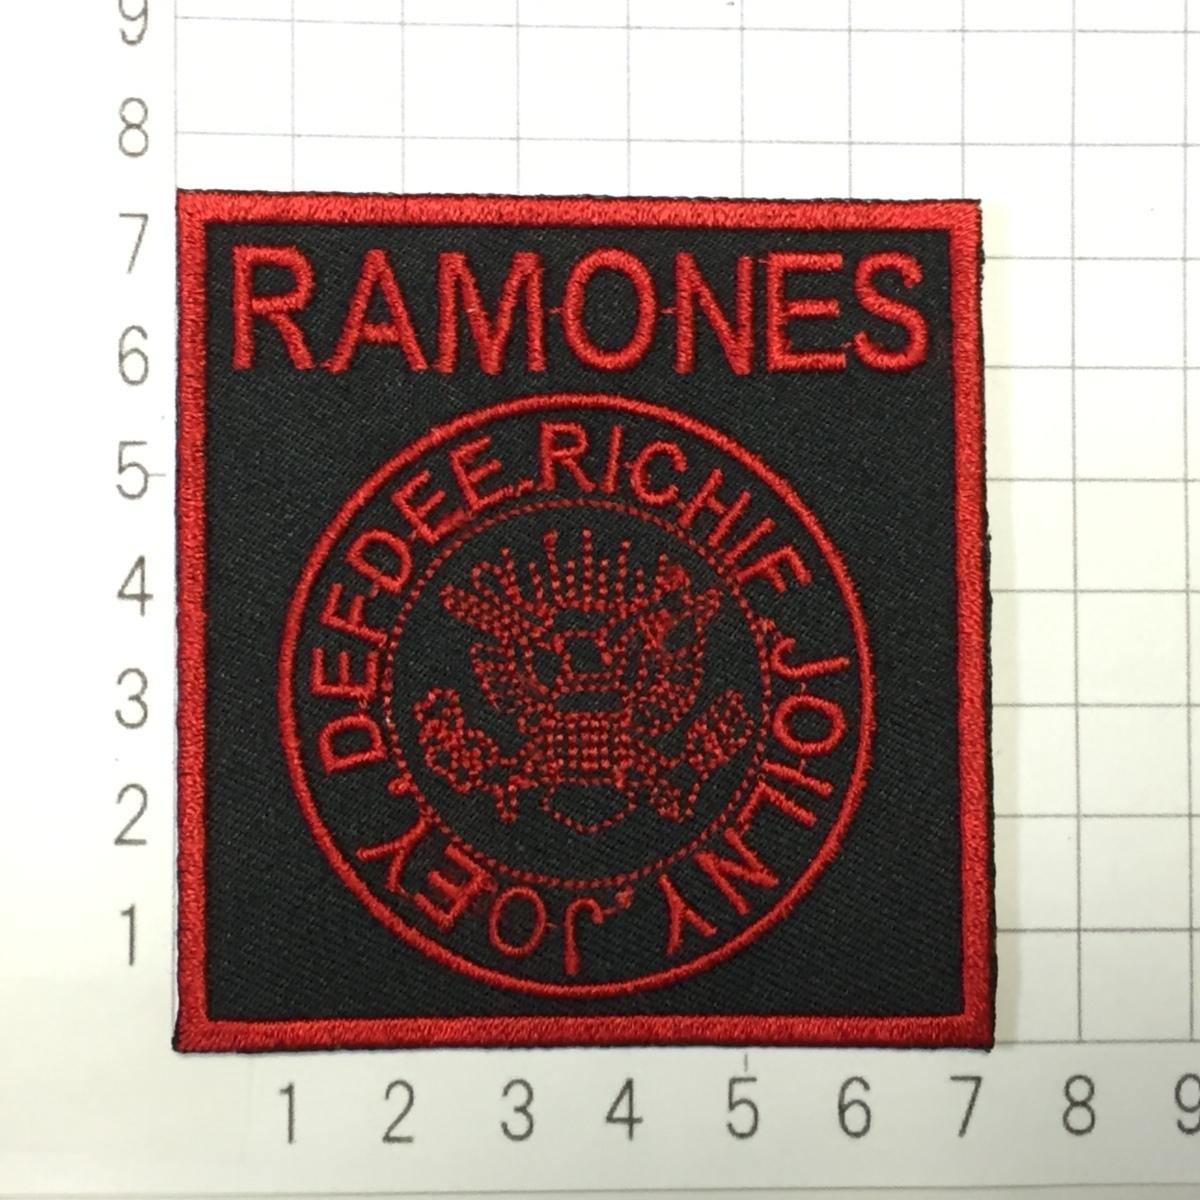 182 Ramones ラモーンズ ラモンズ 四角形ロゴ アイロン ワッペン 音楽 パンク ロック リペア カスタム 刺繍ワッペン アイロンワッペン_画像2